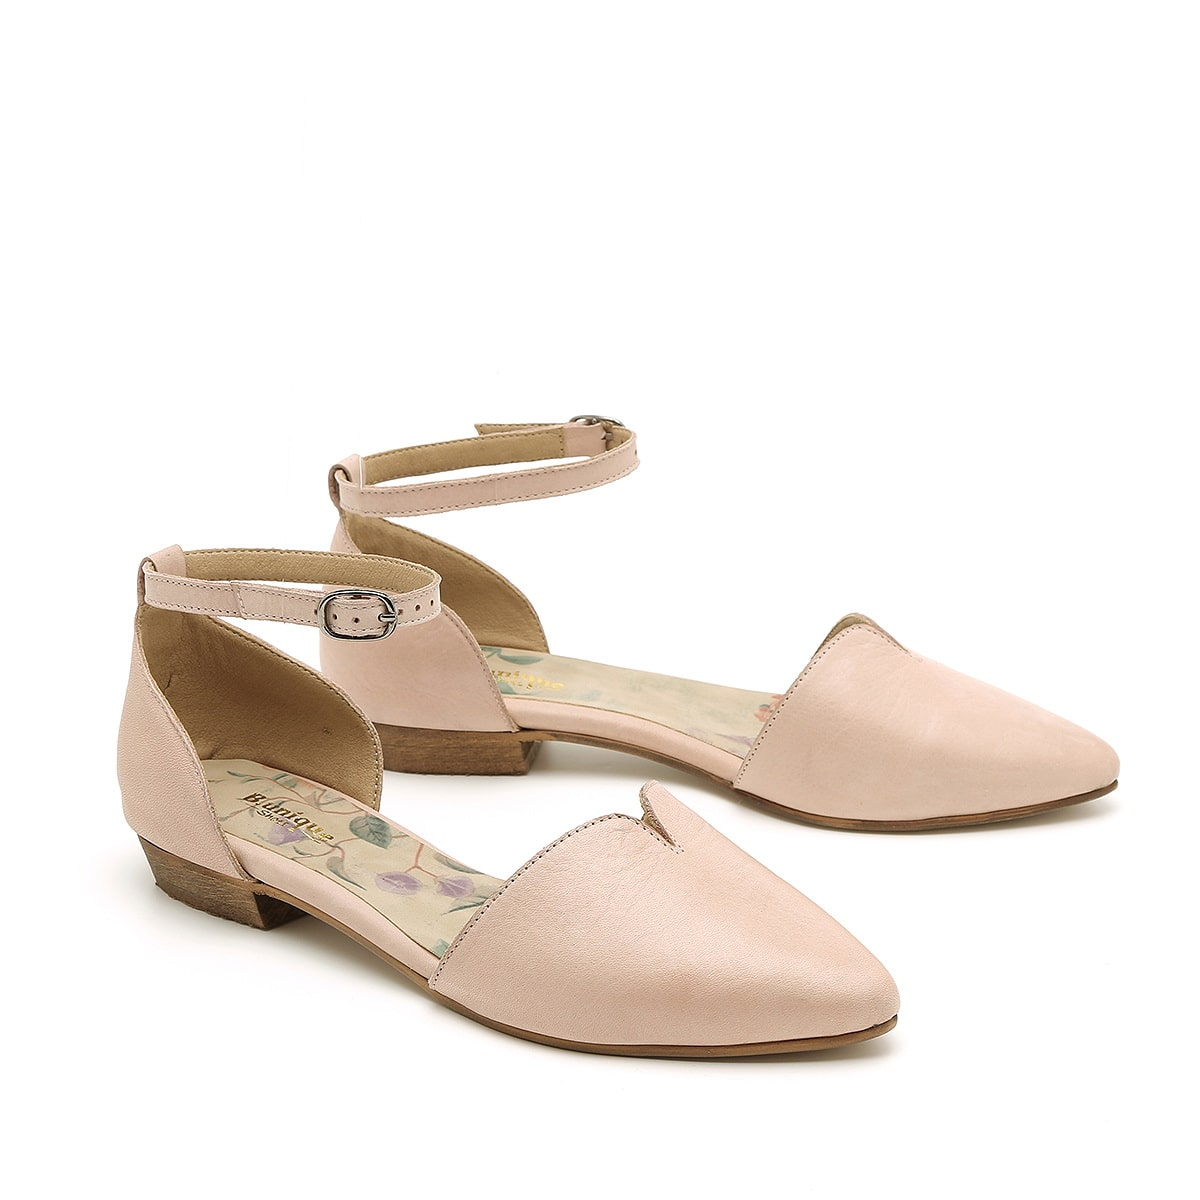 דגם אלינור: נעלי שפיץ לנשים